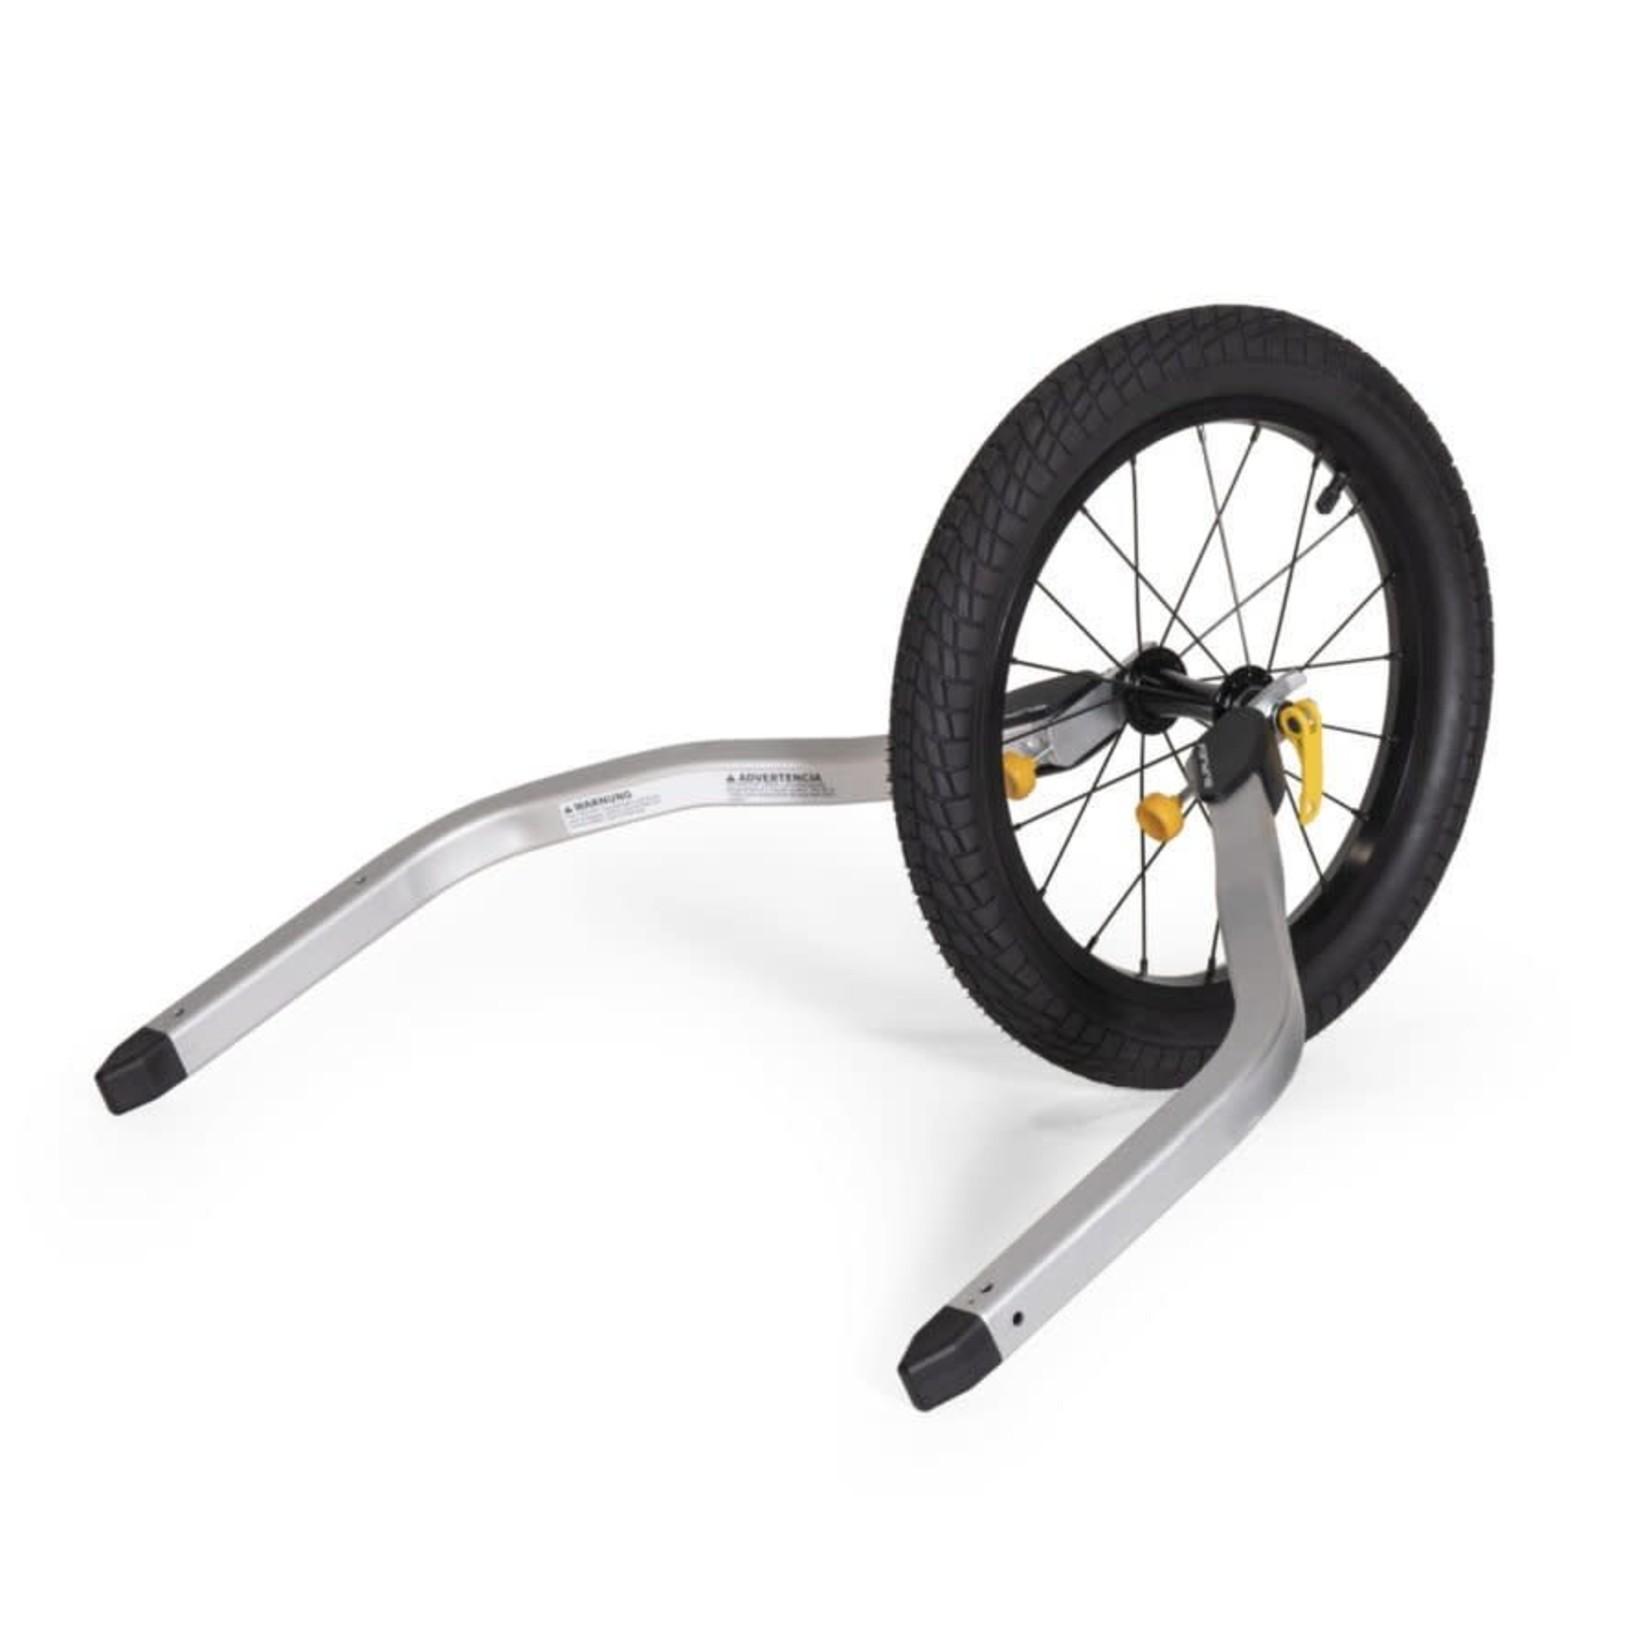 Burley Burley Double Jogger Kit